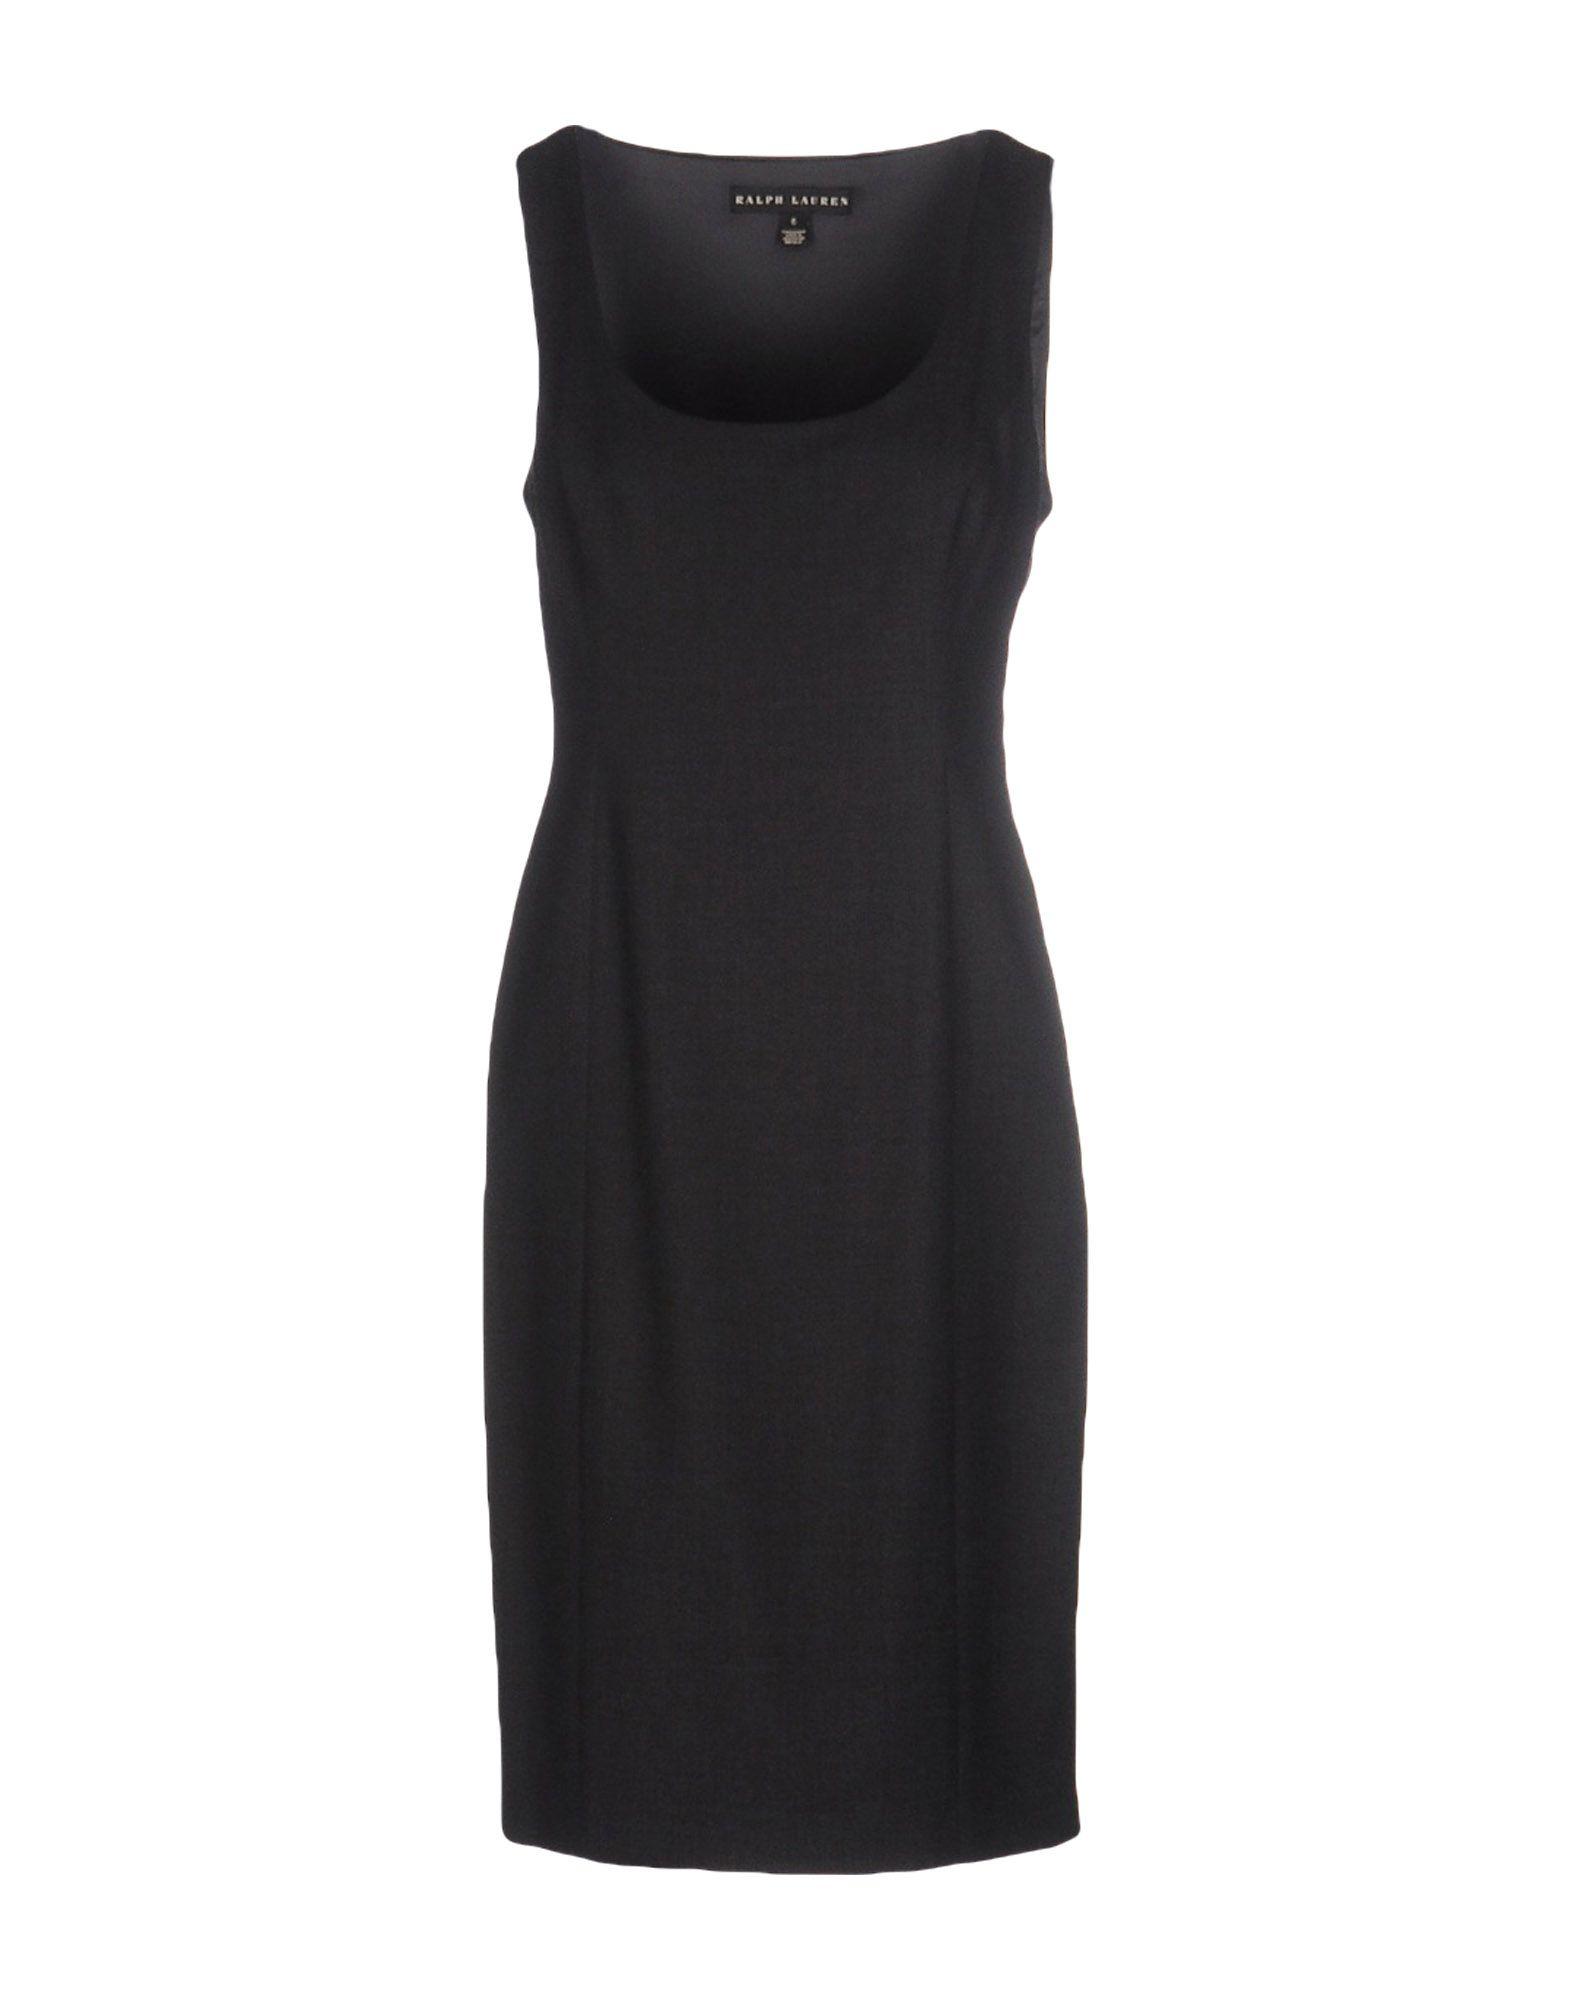 купить RALPH LAUREN BLACK LABEL Платье до колена по цене 21050 рублей